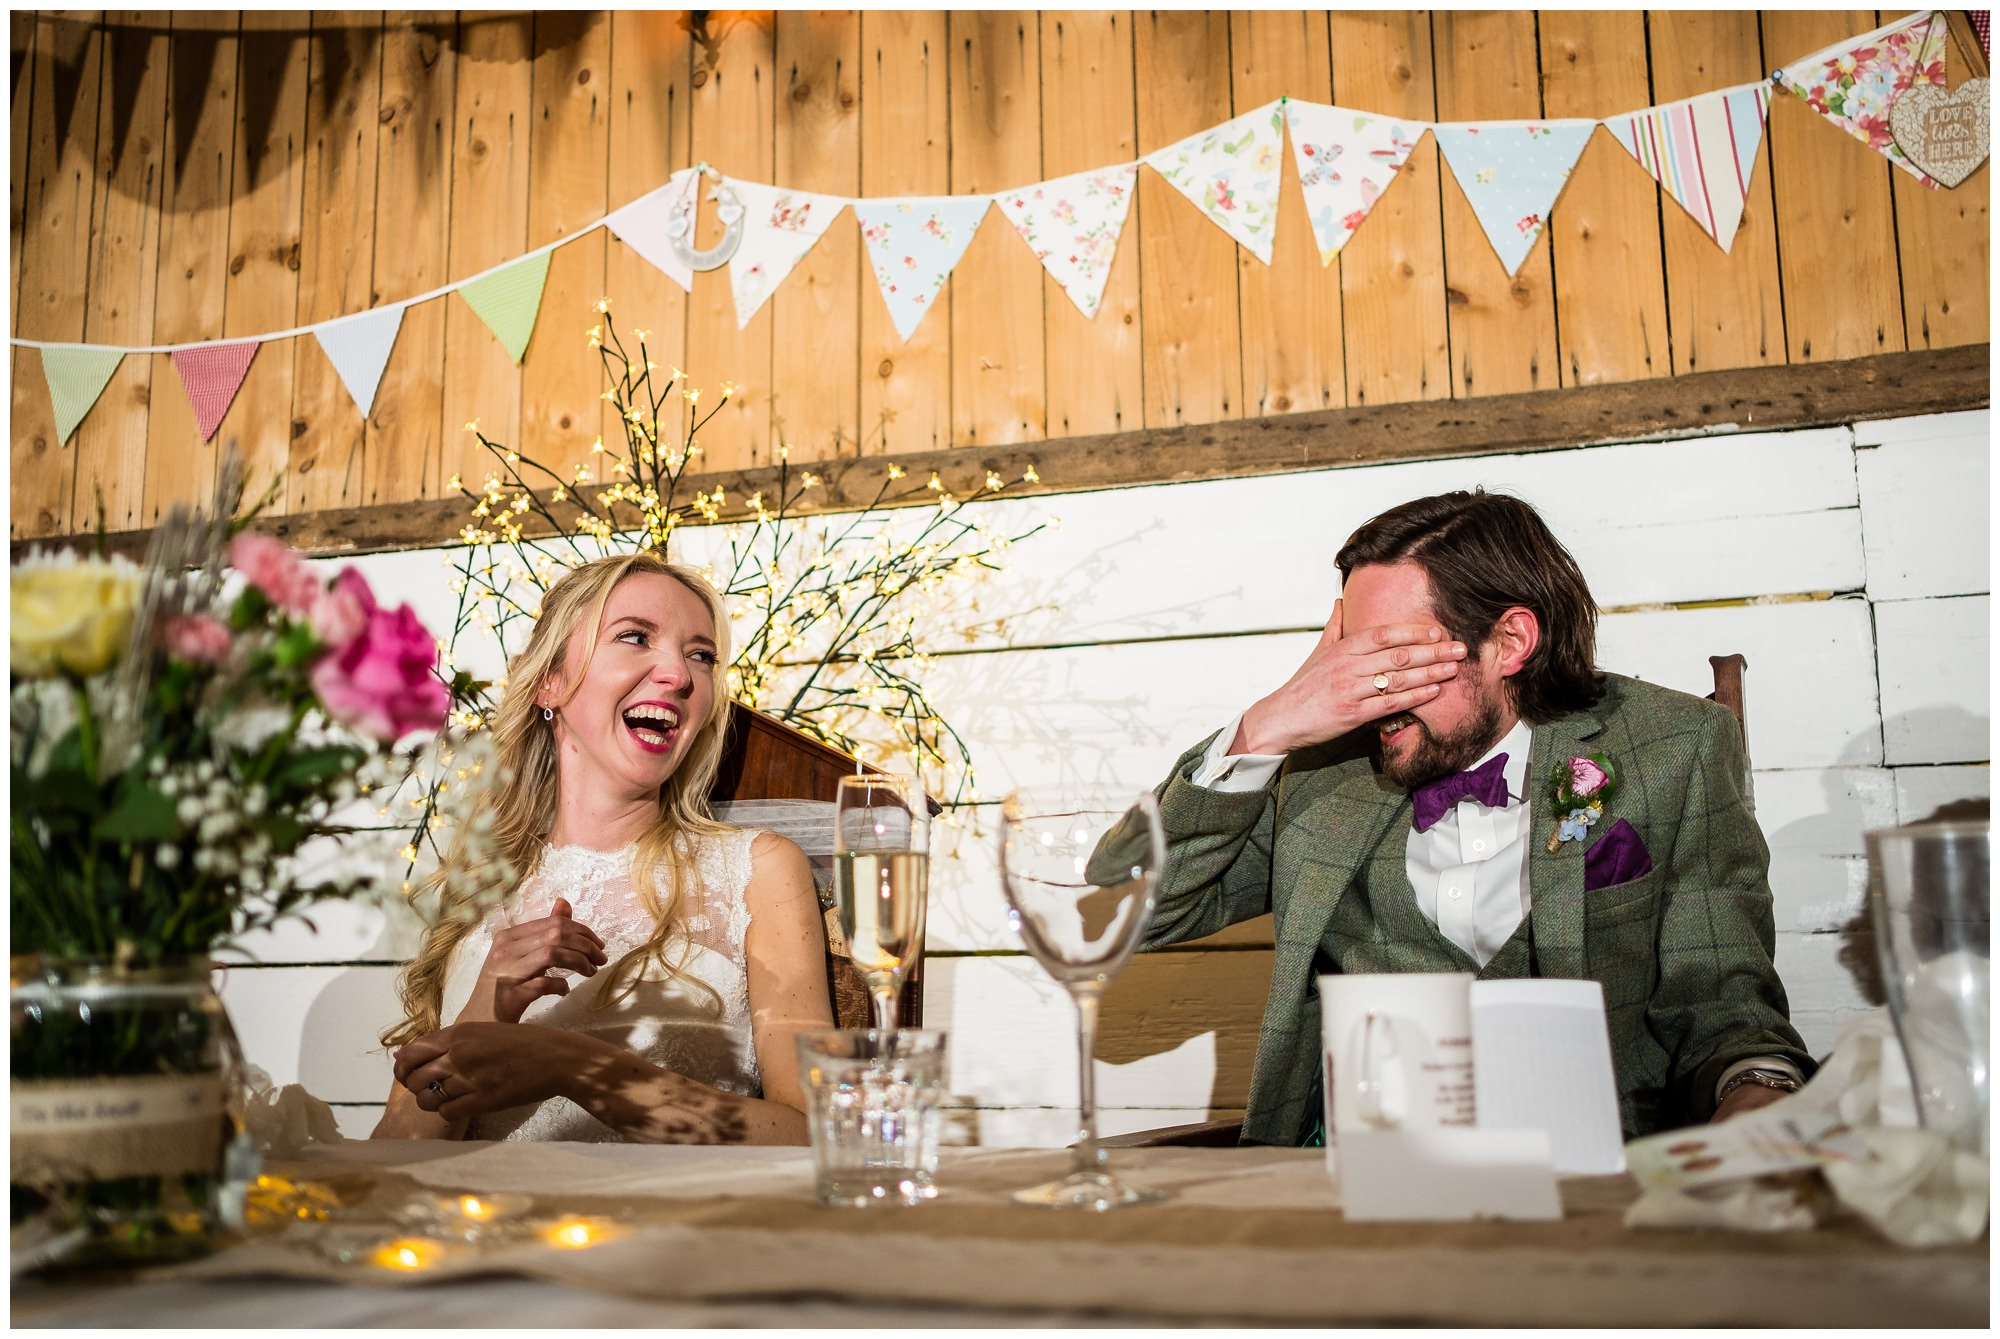 the-wellbeing-farm-wedding-photography_0009.jpg